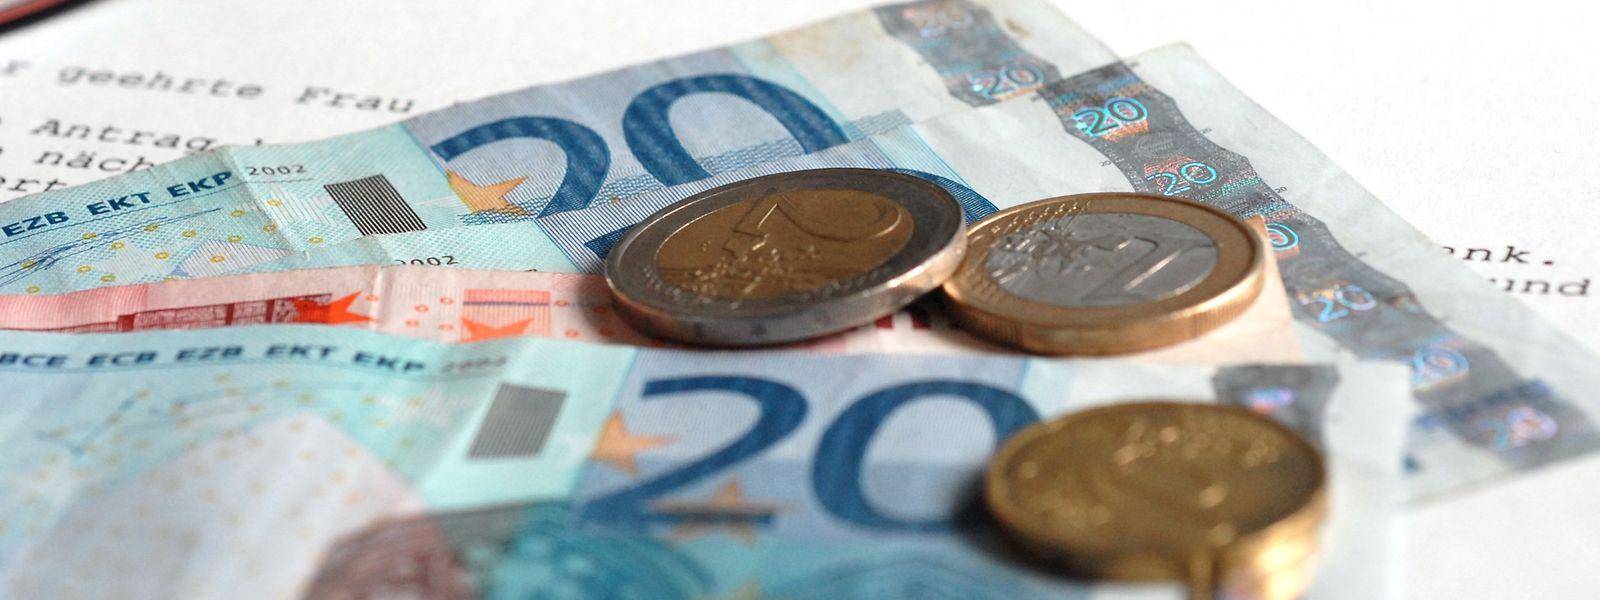 Während der Pensionsfonds über 22 Milliarden Euro verfügt, sind es beim Zukunftsfonds Reserven von 380 Millionen Euro.